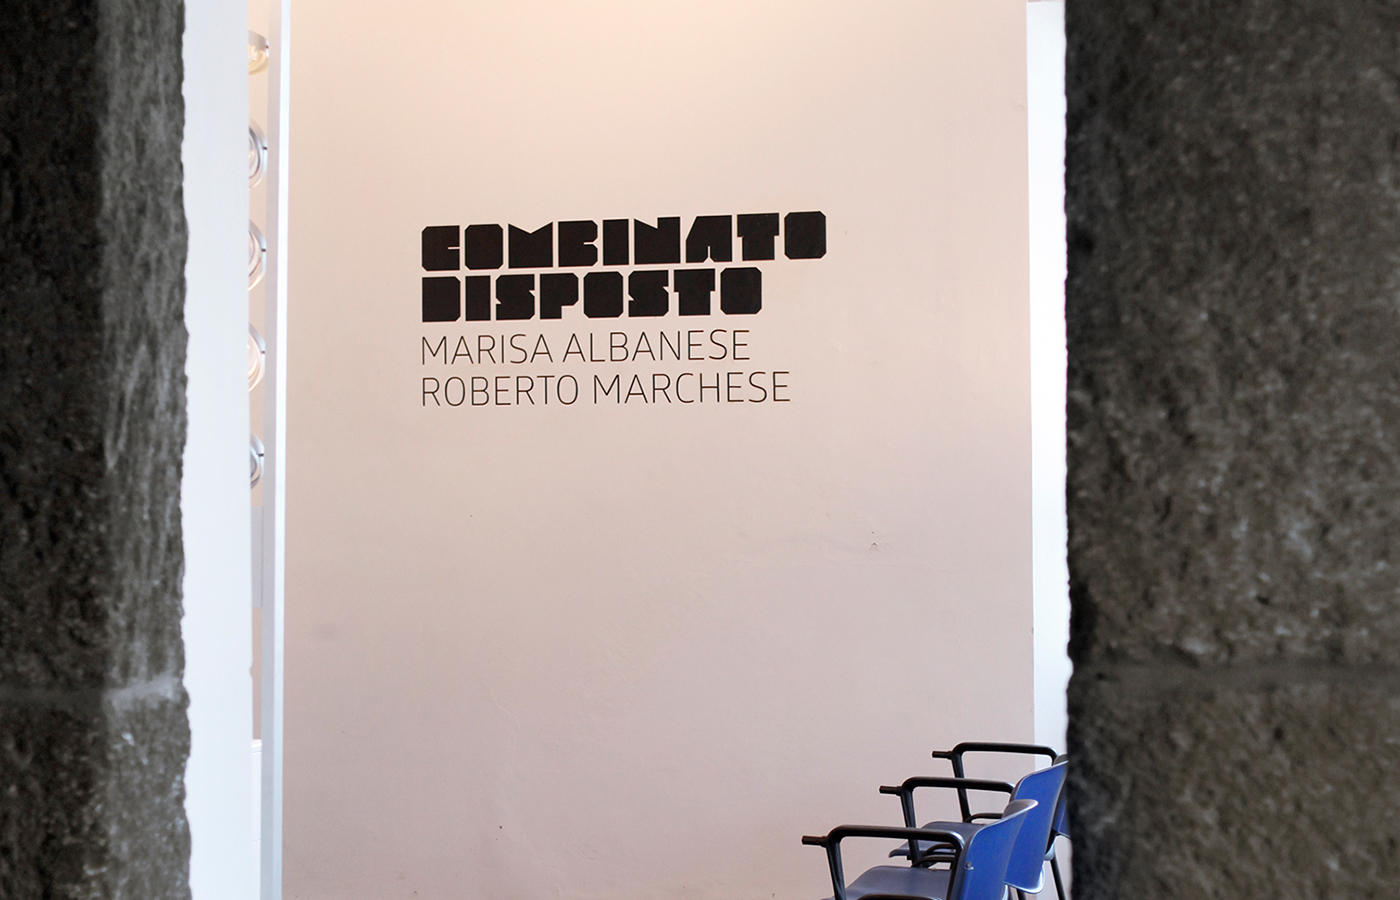 COMBINATO19